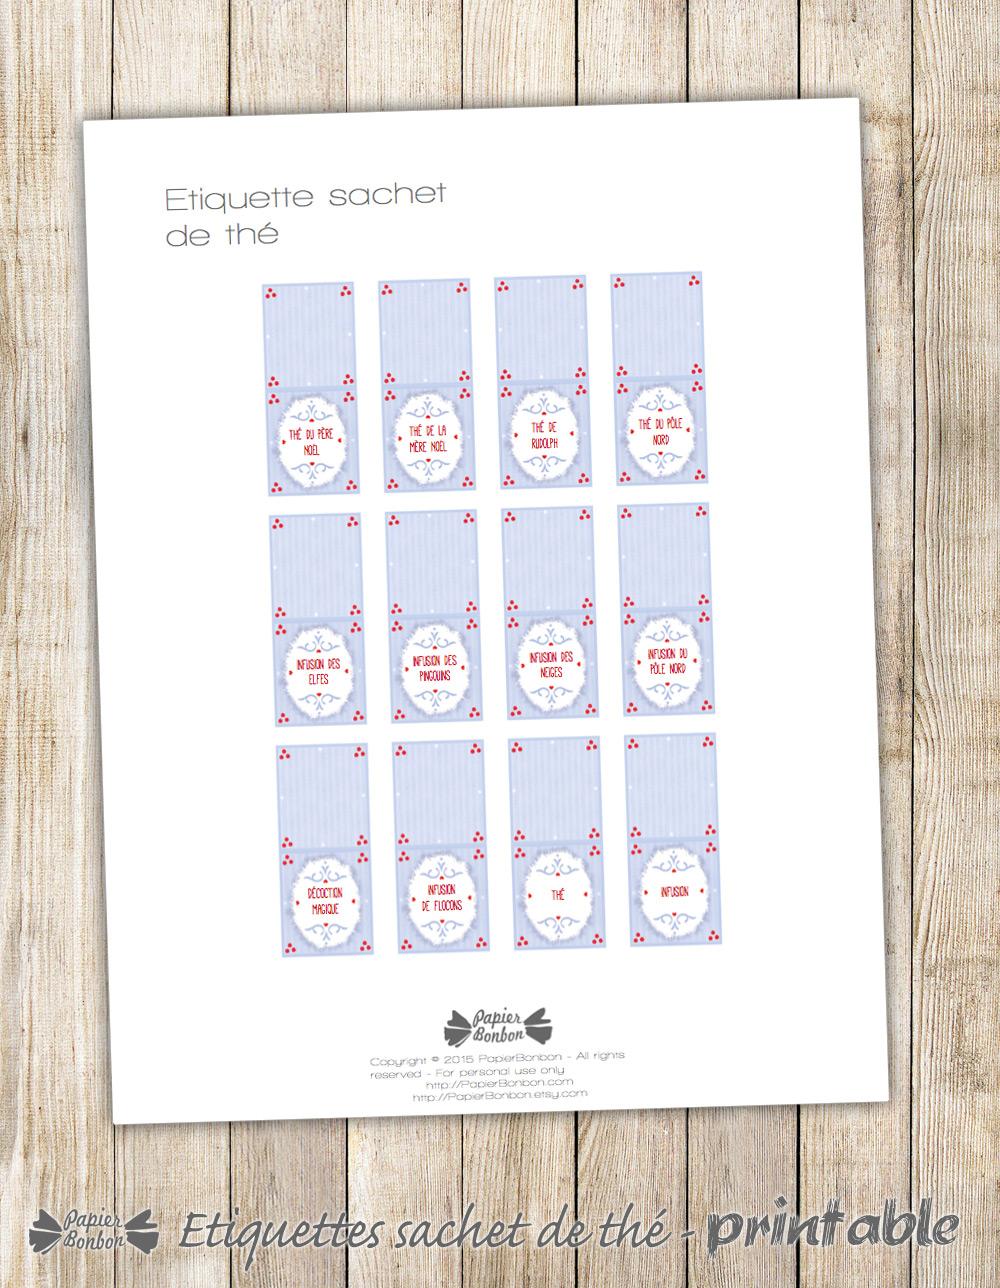 24 nouvelles id es pour remplir son calendrier de l 39 avent partie 1 papier bonbon - Remplir calendrier de l avent garcon ...